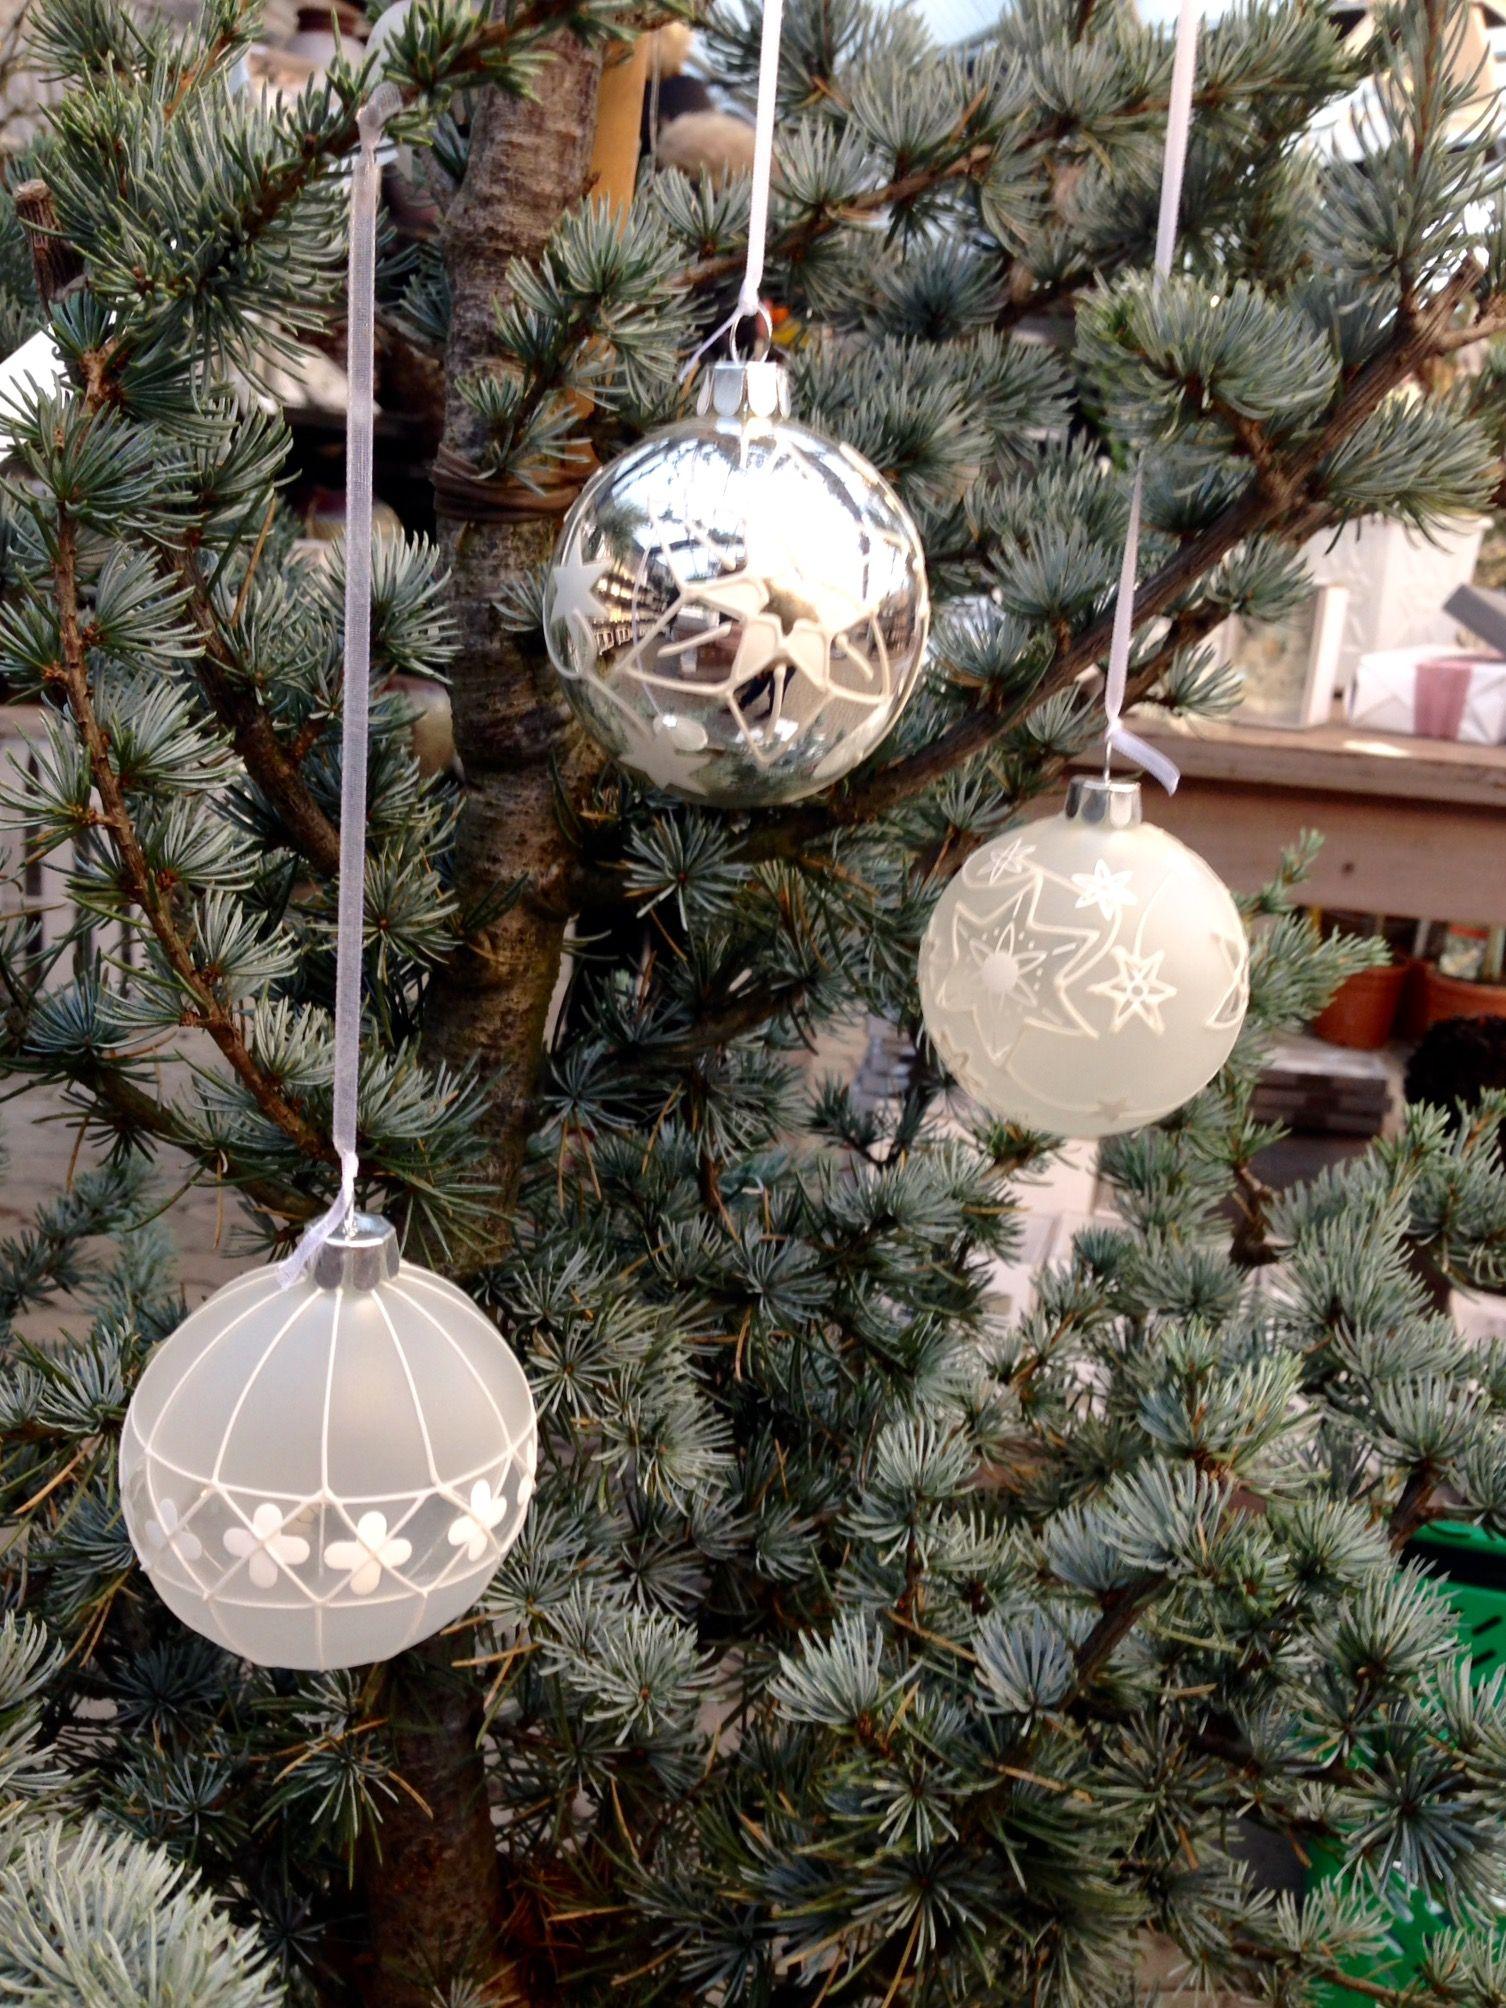 Nordic Christmas Shoppen Simpel Design And Minimalist Copenhagen Denmark Met Afbeeldingen